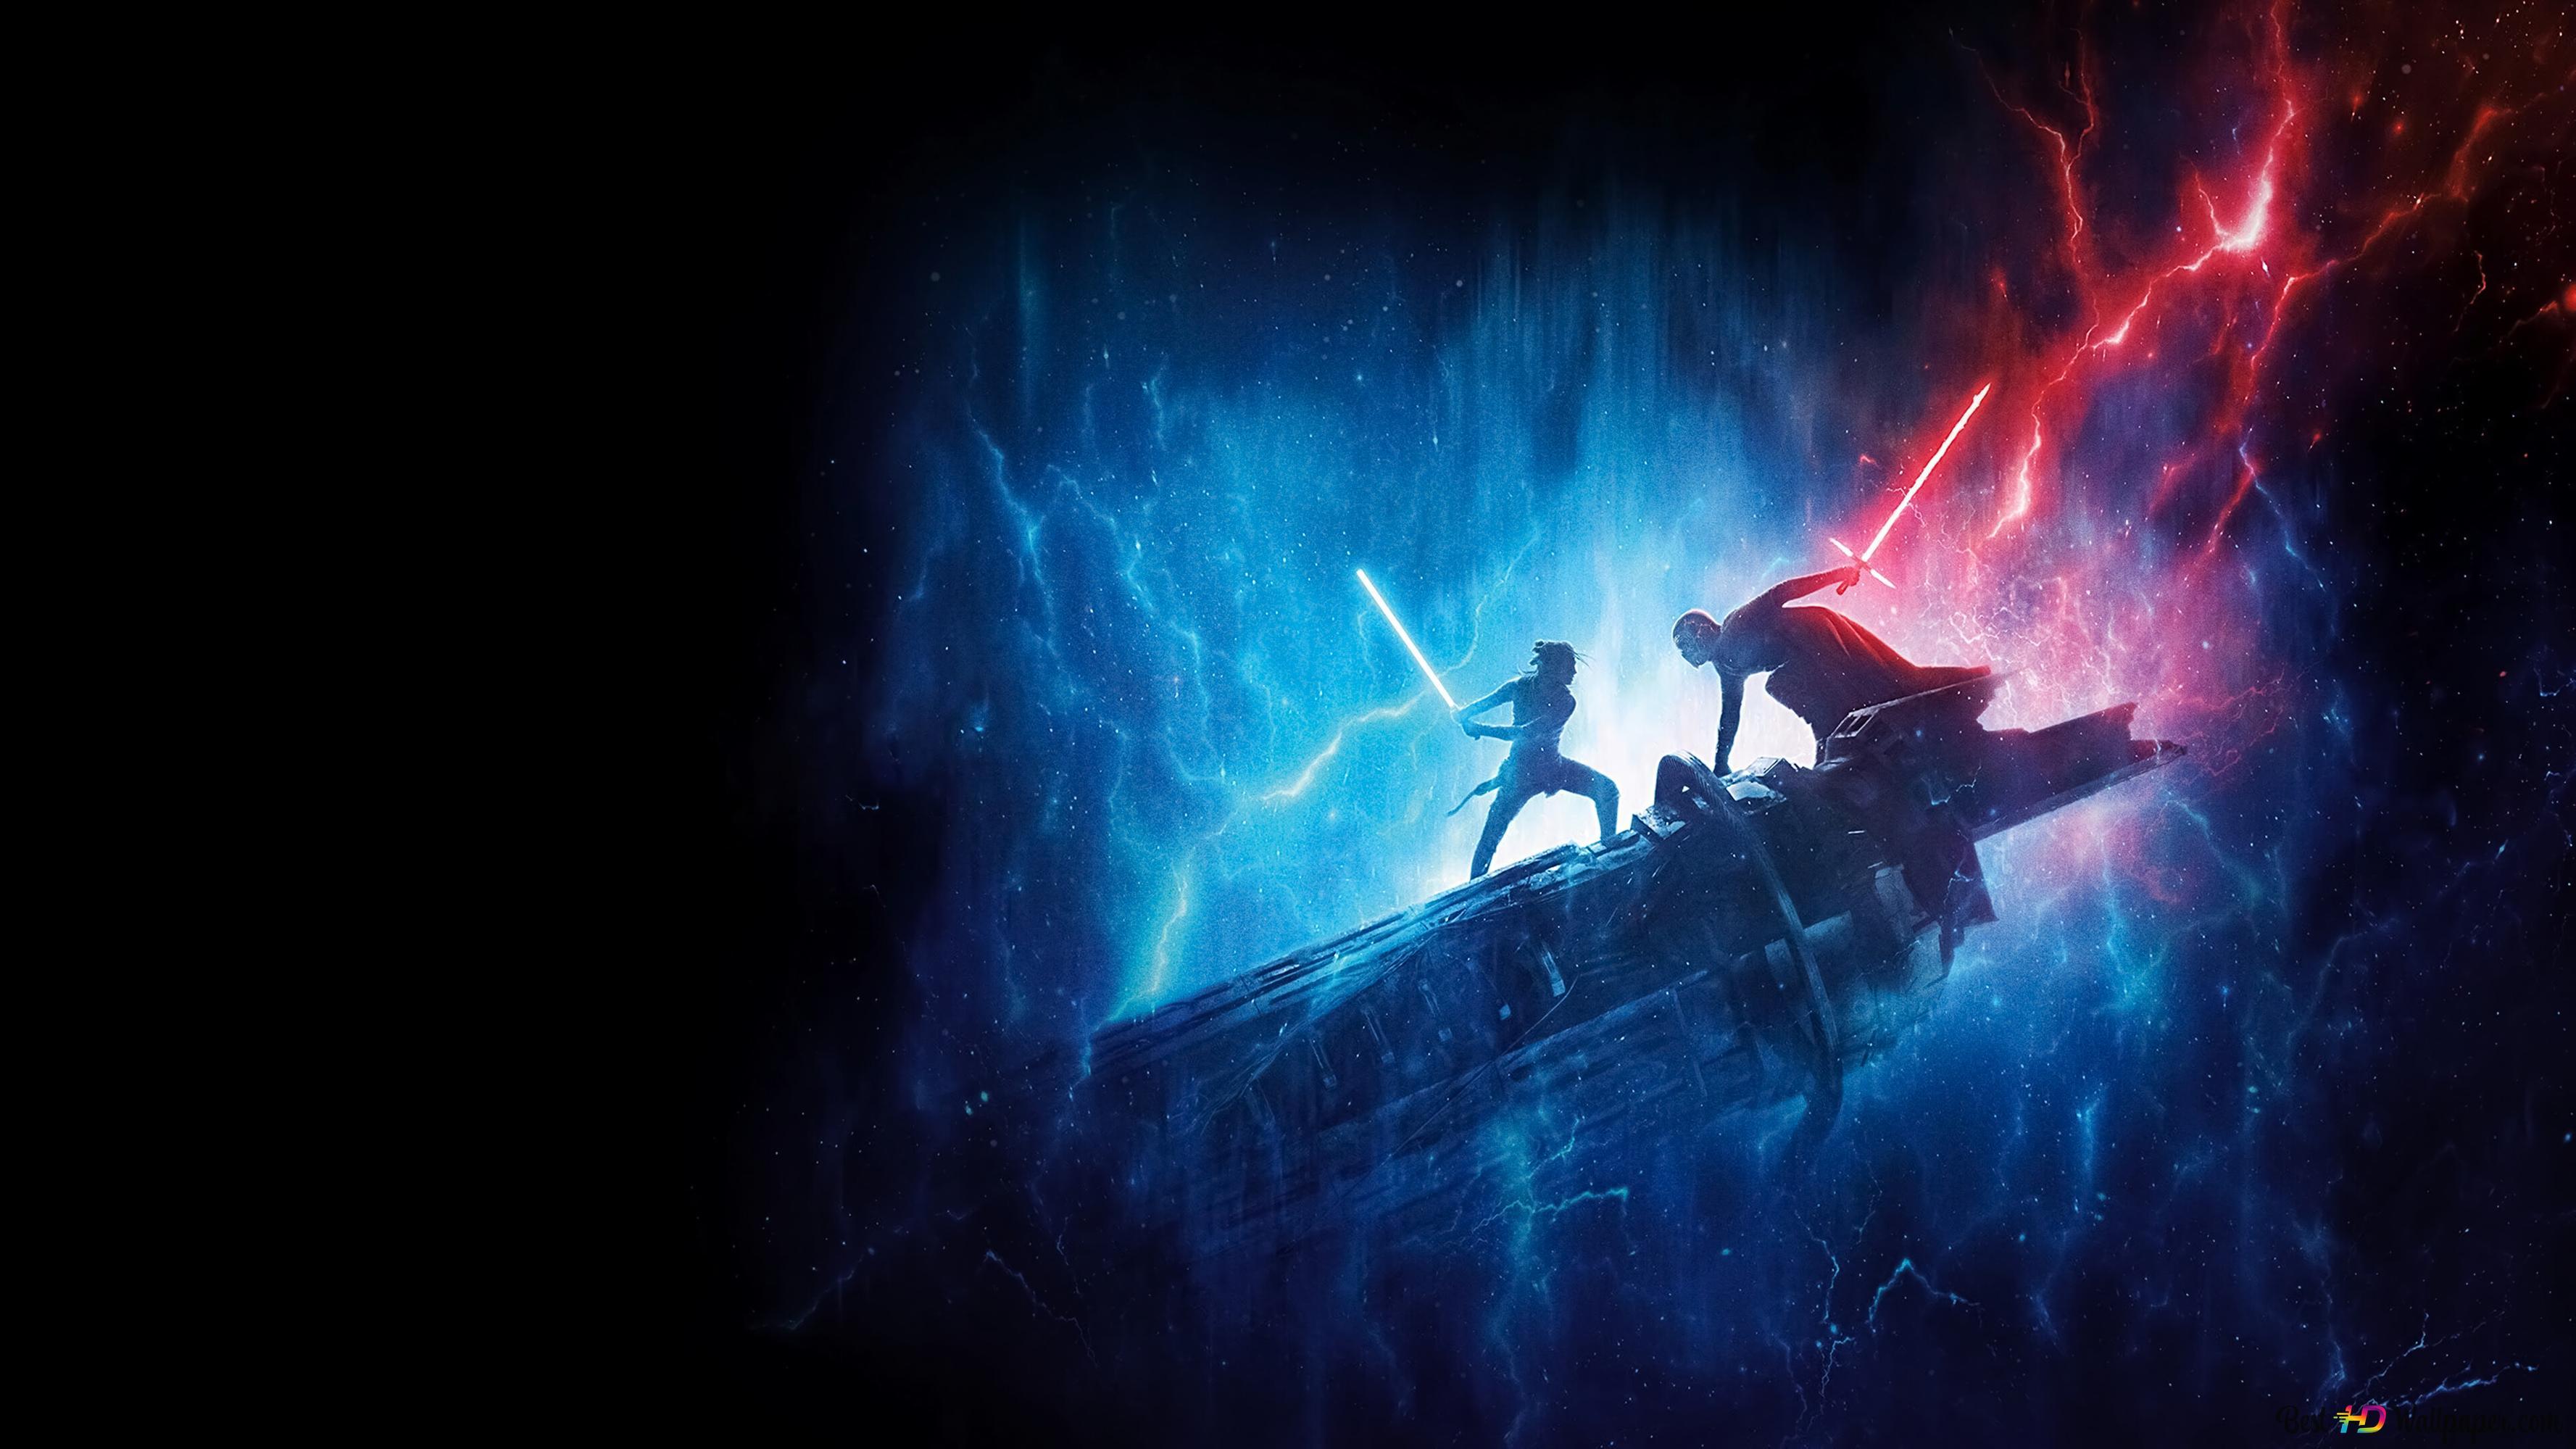 Star Wars Rey S Blue Lightsaber Vs Kylo Ren S Red Lightsaber Hd Wallpaper Download